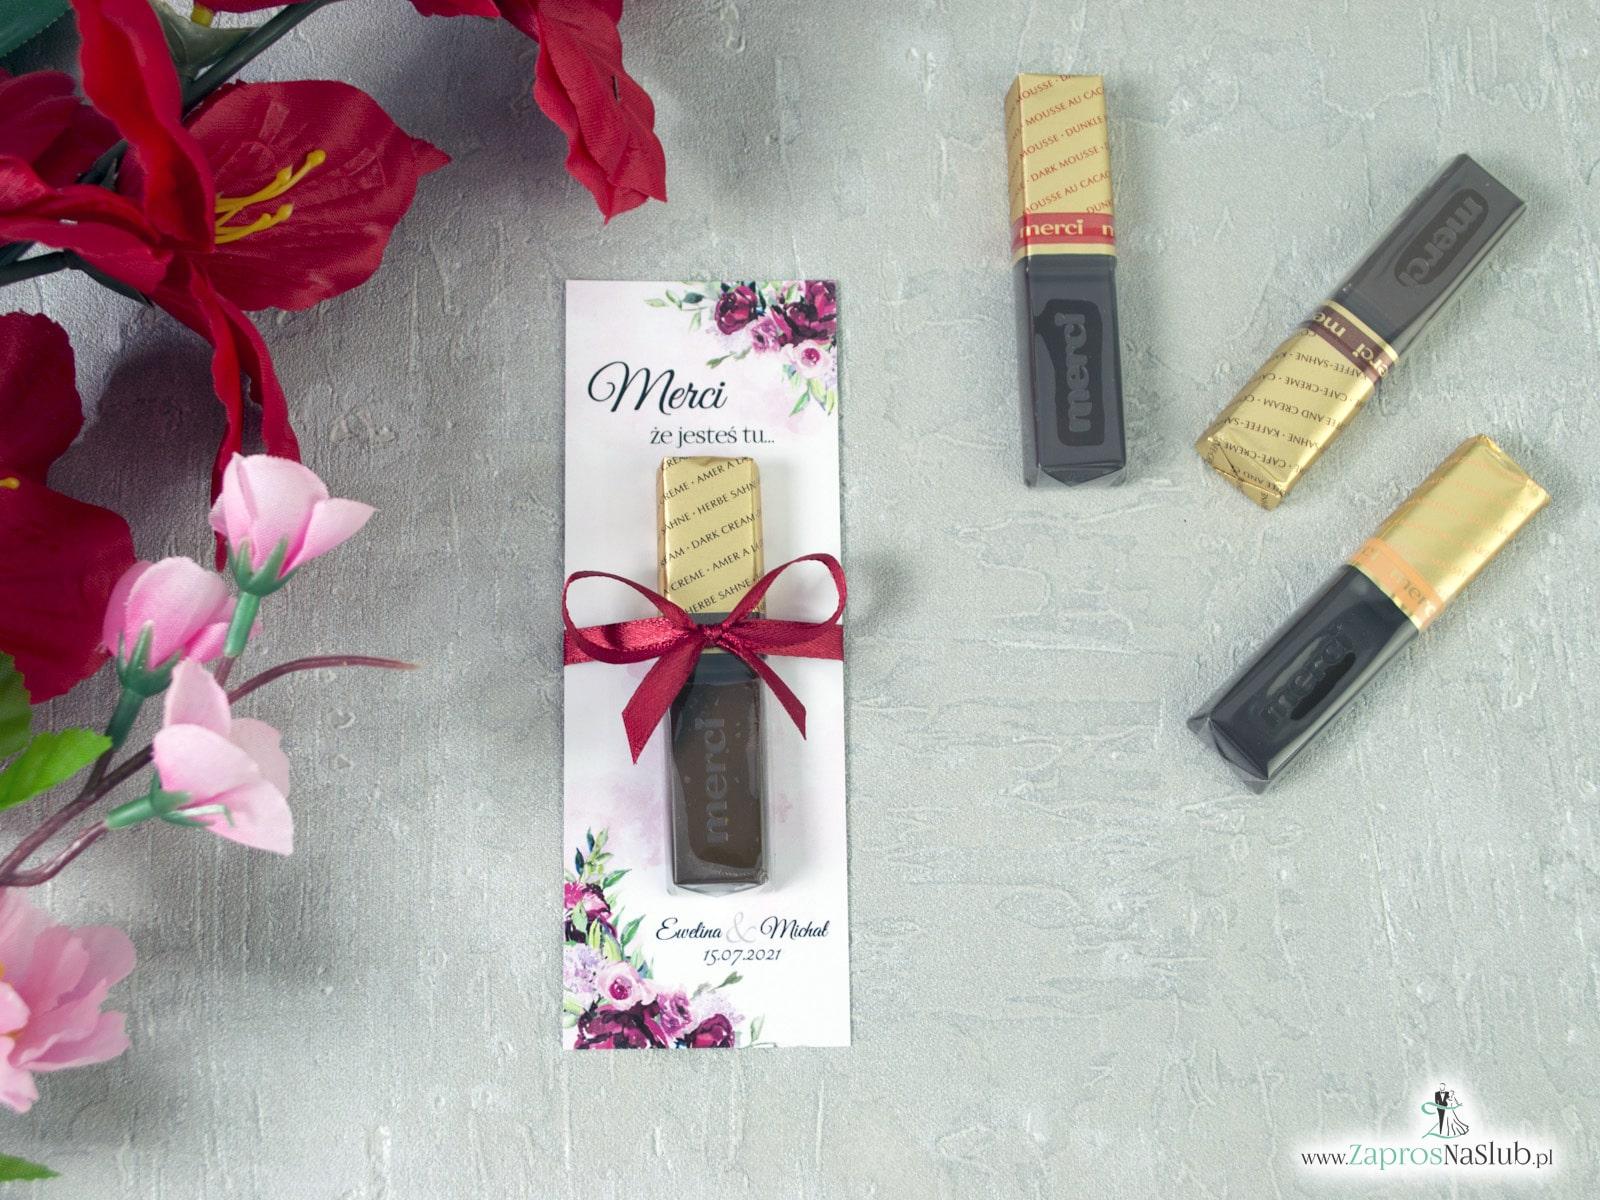 Podziękowanie dla gości weselnych Merci - podkładka z kwiatami piwonii. MER-41-08